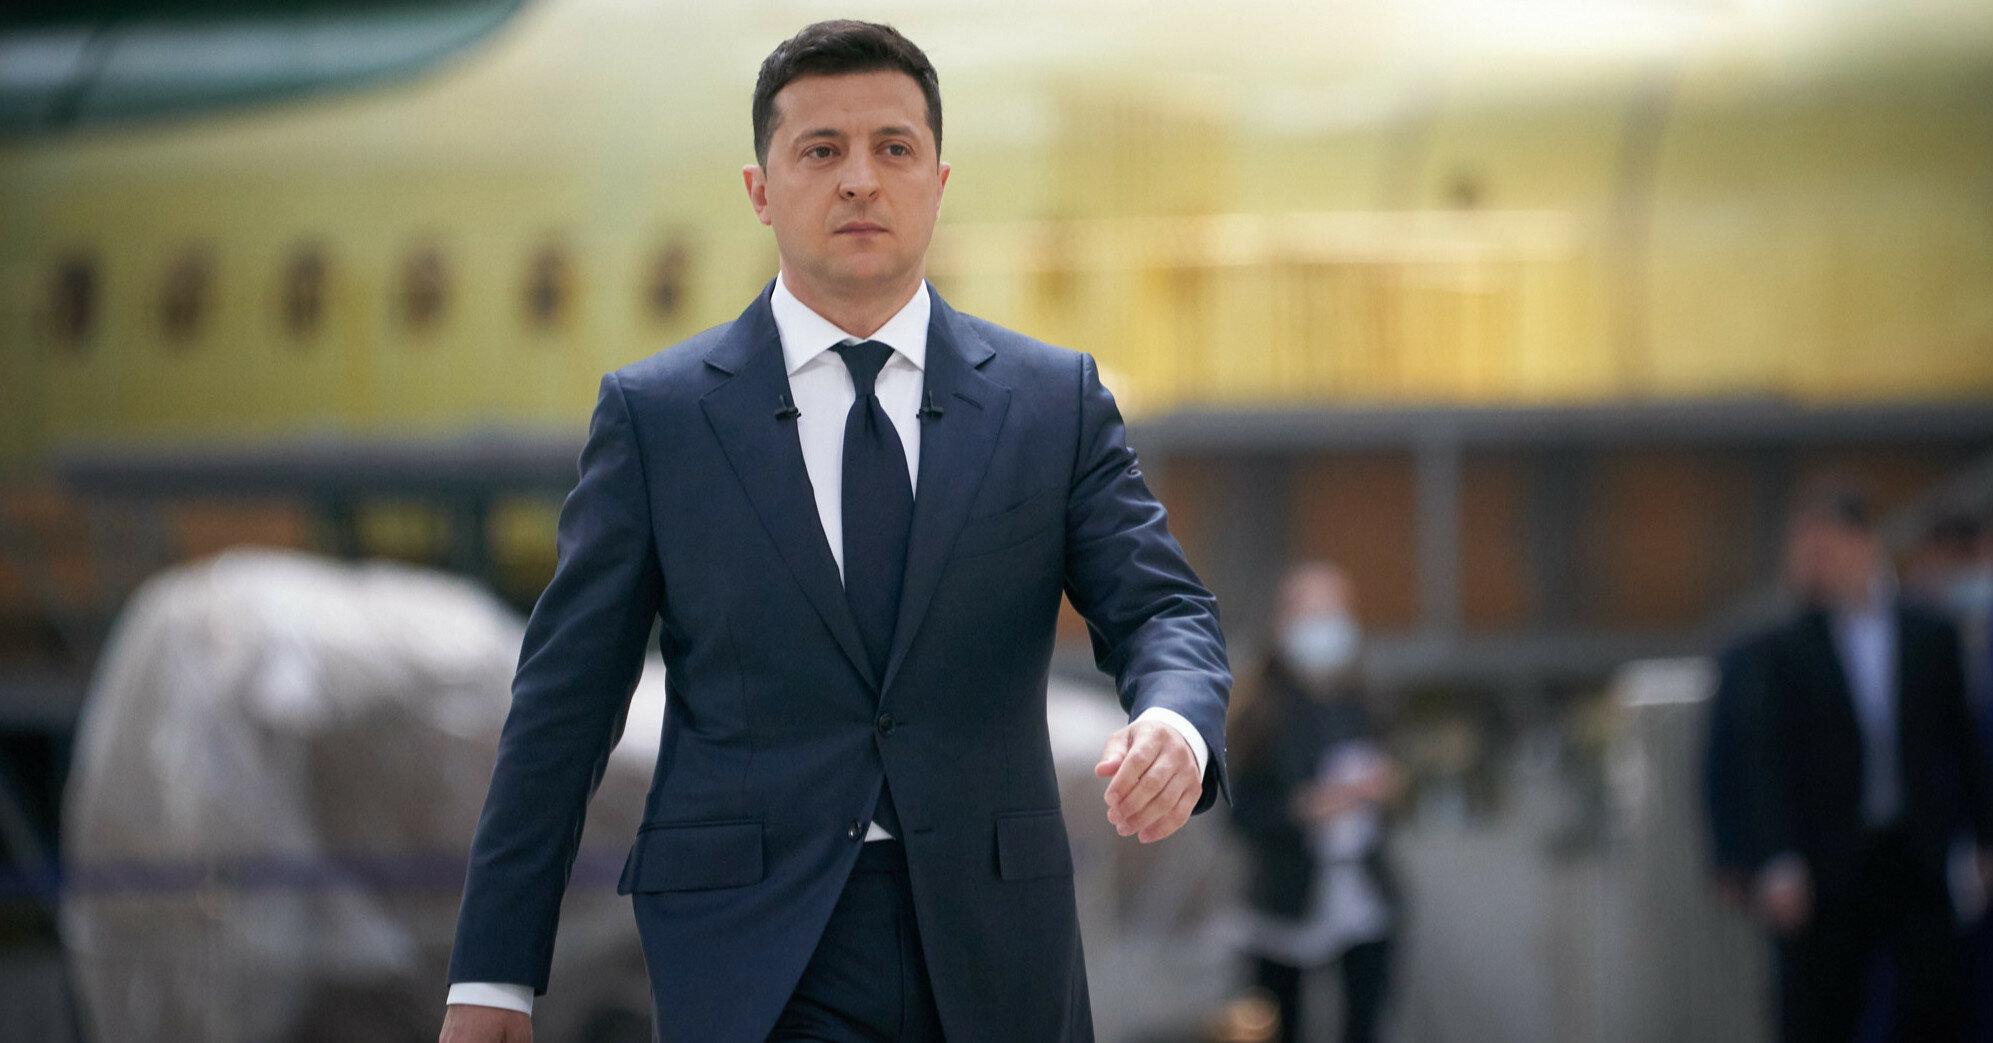 Посол Украины в США сообщила о завершающем этапе подготовки визита Зеленского